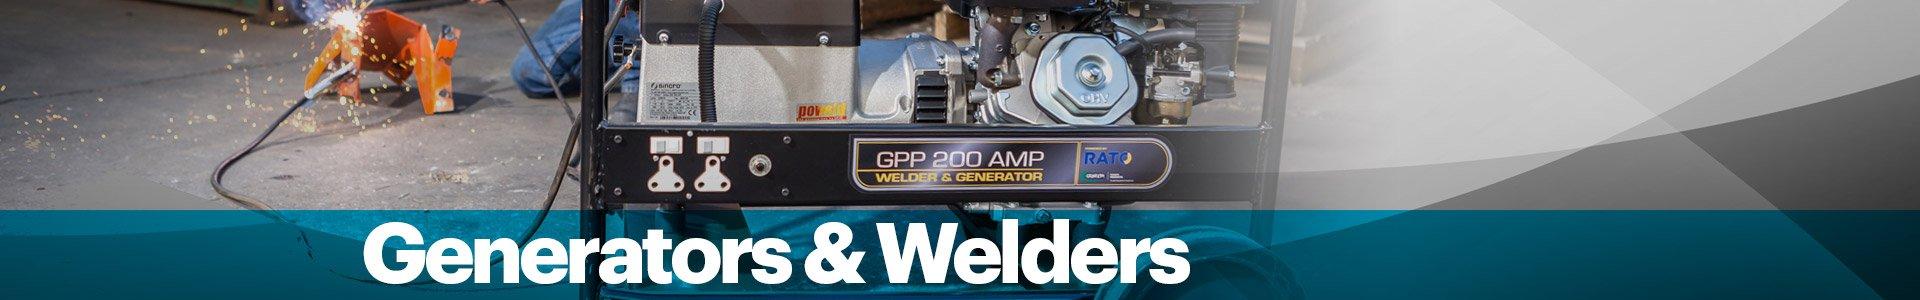 Generators & Welders